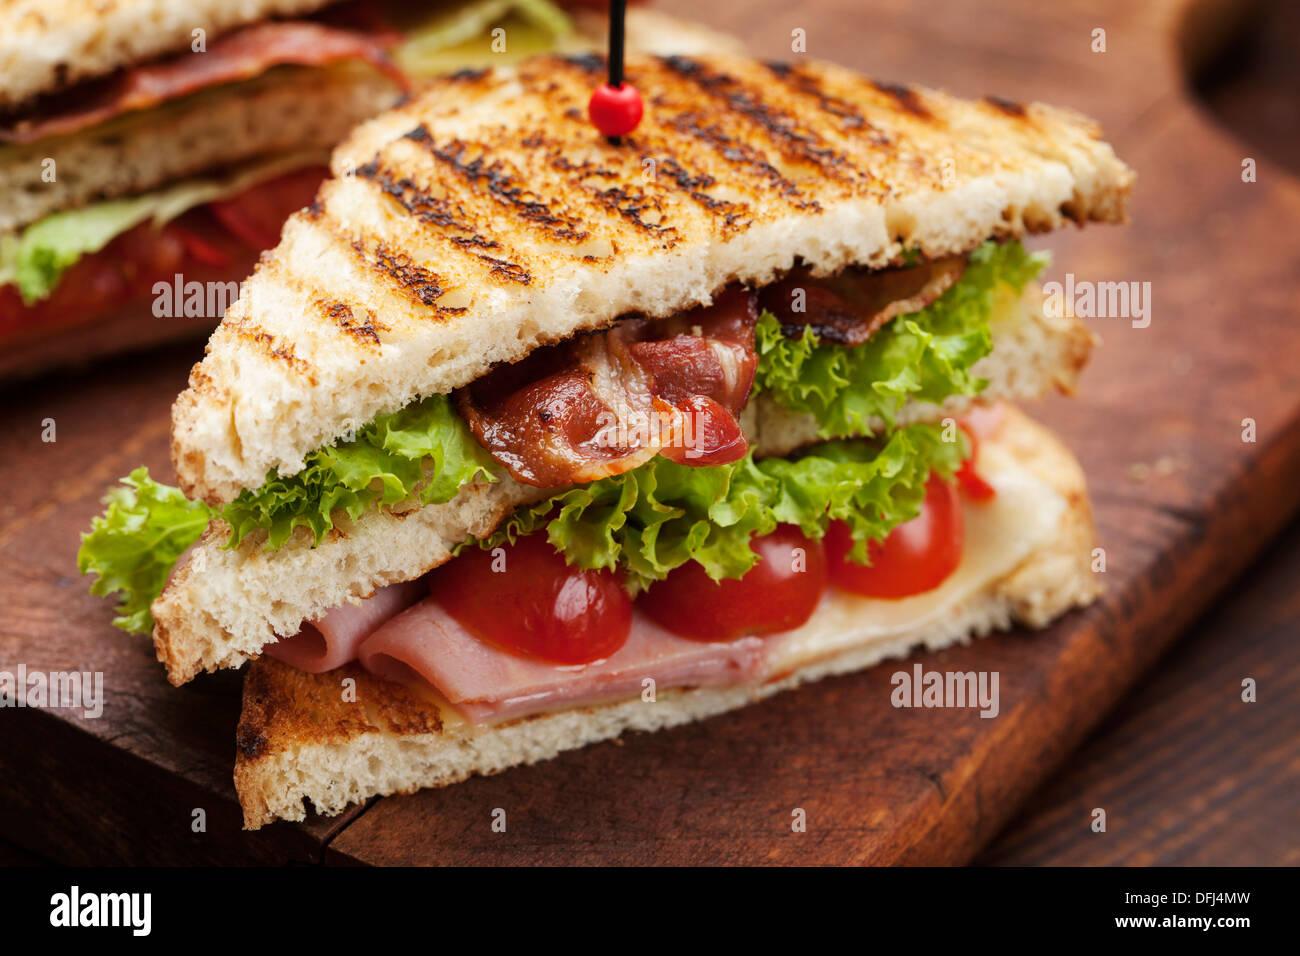 Chiusura del sandwich freschi con prosciutto, pancetta, pomodori, formaggi e lattuga Immagini Stock